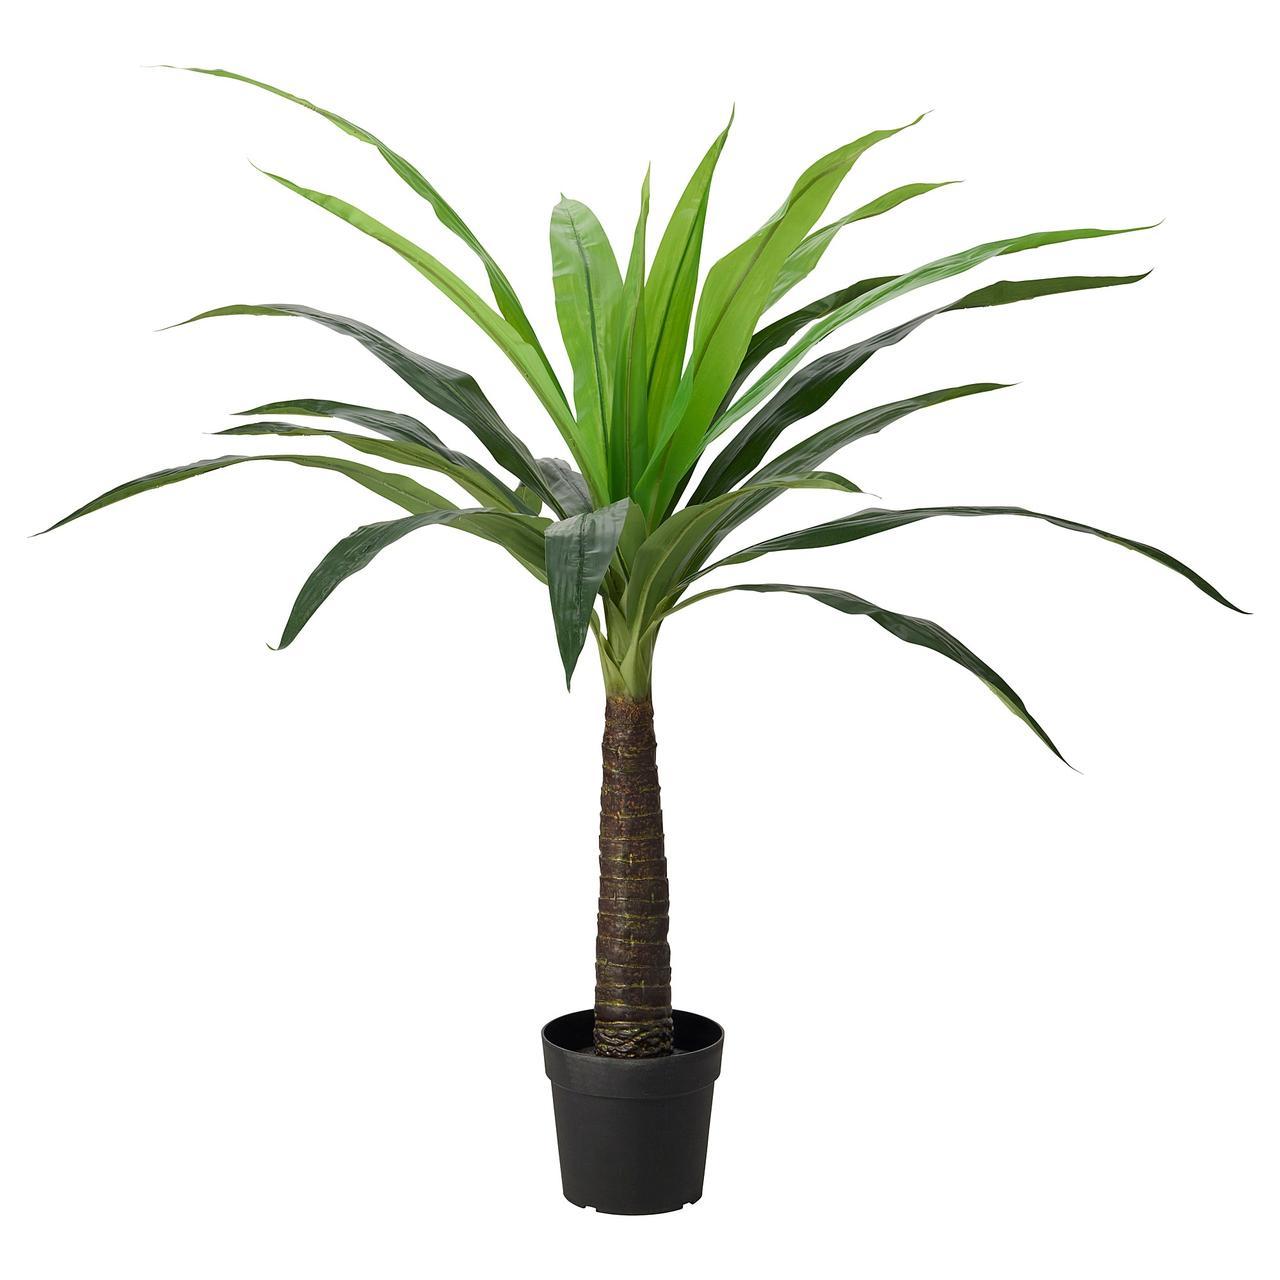 ФЕЙКА Искусственное растение в горшке, д/дома/улицы пальма